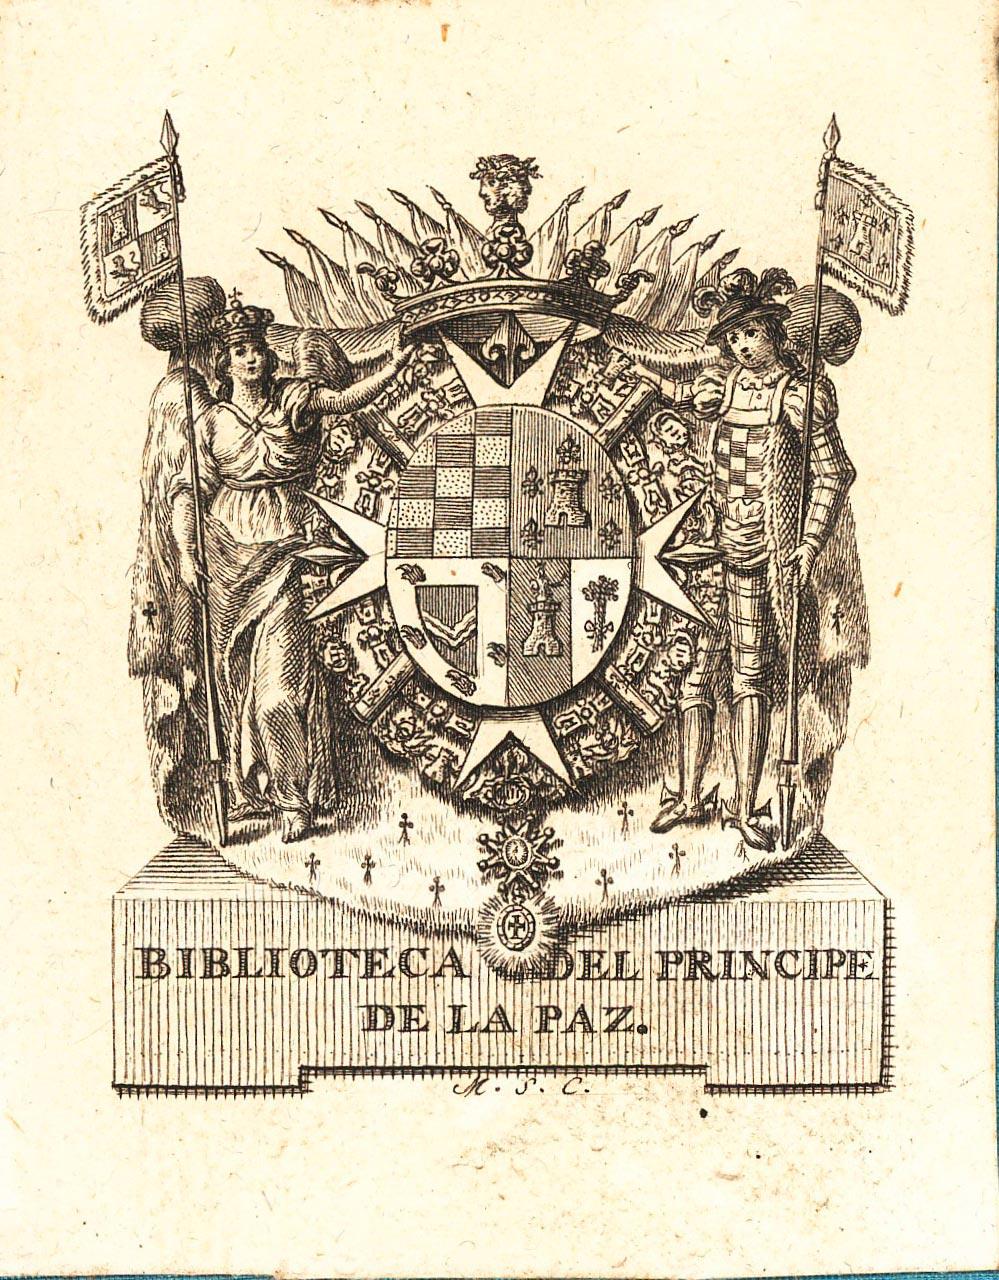 Escudo cuartelado: 1º (Godoy), jaquelado de oro y azur. 2º (Álvarez de Faria), de gules, un castillo de plata, dos flores de lis de oro a cada lado y una sobre el castillo. 3º (Sánchez de los Ríos), de sinople, brazo vestido, bordura de plata con cinco cabezas de águila; 4º, partido, (Zarzosa), De azur, pájaro sobre castillo de plata; De plata con zarza de sinople. Al timbre, cruz de Malta, bastones de mariscal en aspa, y collares de la Orden del Toisón, de Carlos III y de la cruz de Cristo; Tenantes a diestra y siniestra portando estandartes con el cuartelado de san Fernando y el blasón de los Álvarez de Faría; corona ducal entre estandartes. Al pie: Biblioteca de Príncipe de la Paz. Grabado por M.S.C. (Manuel Salvador Carmona)